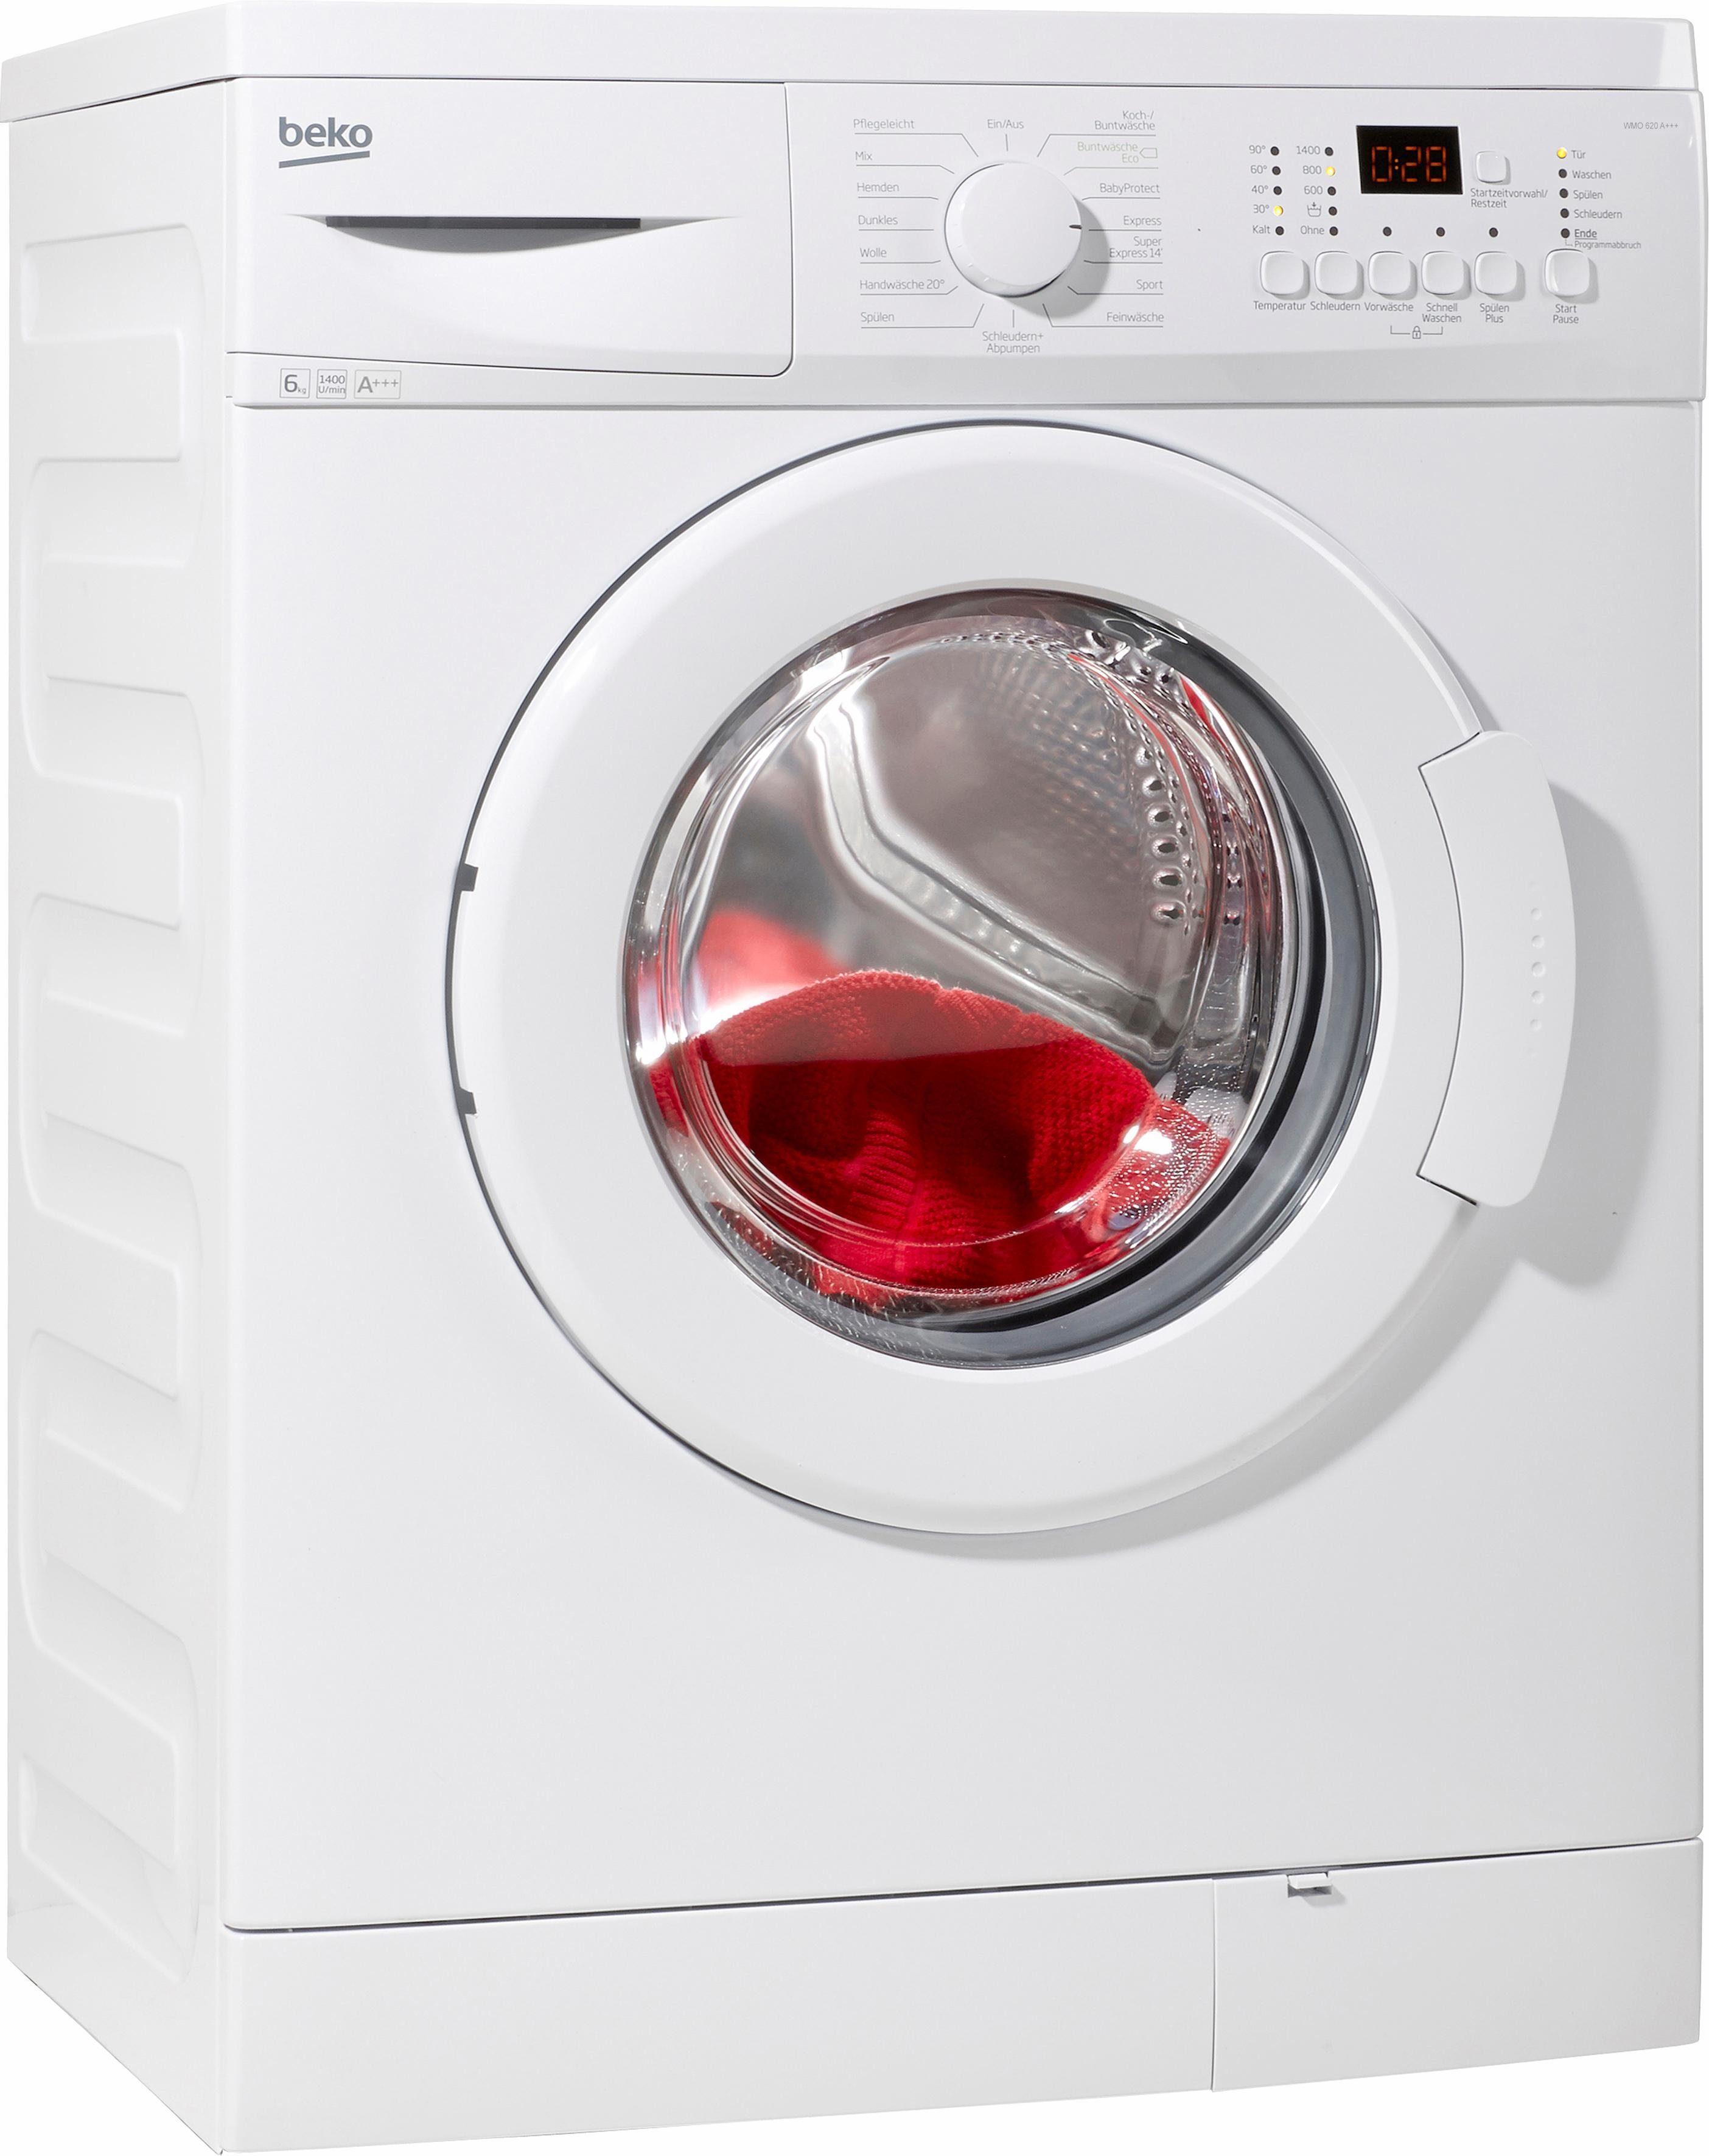 BEKO Waschmaschine WMO 620, A+++, 6 kg, 1400 U/Min